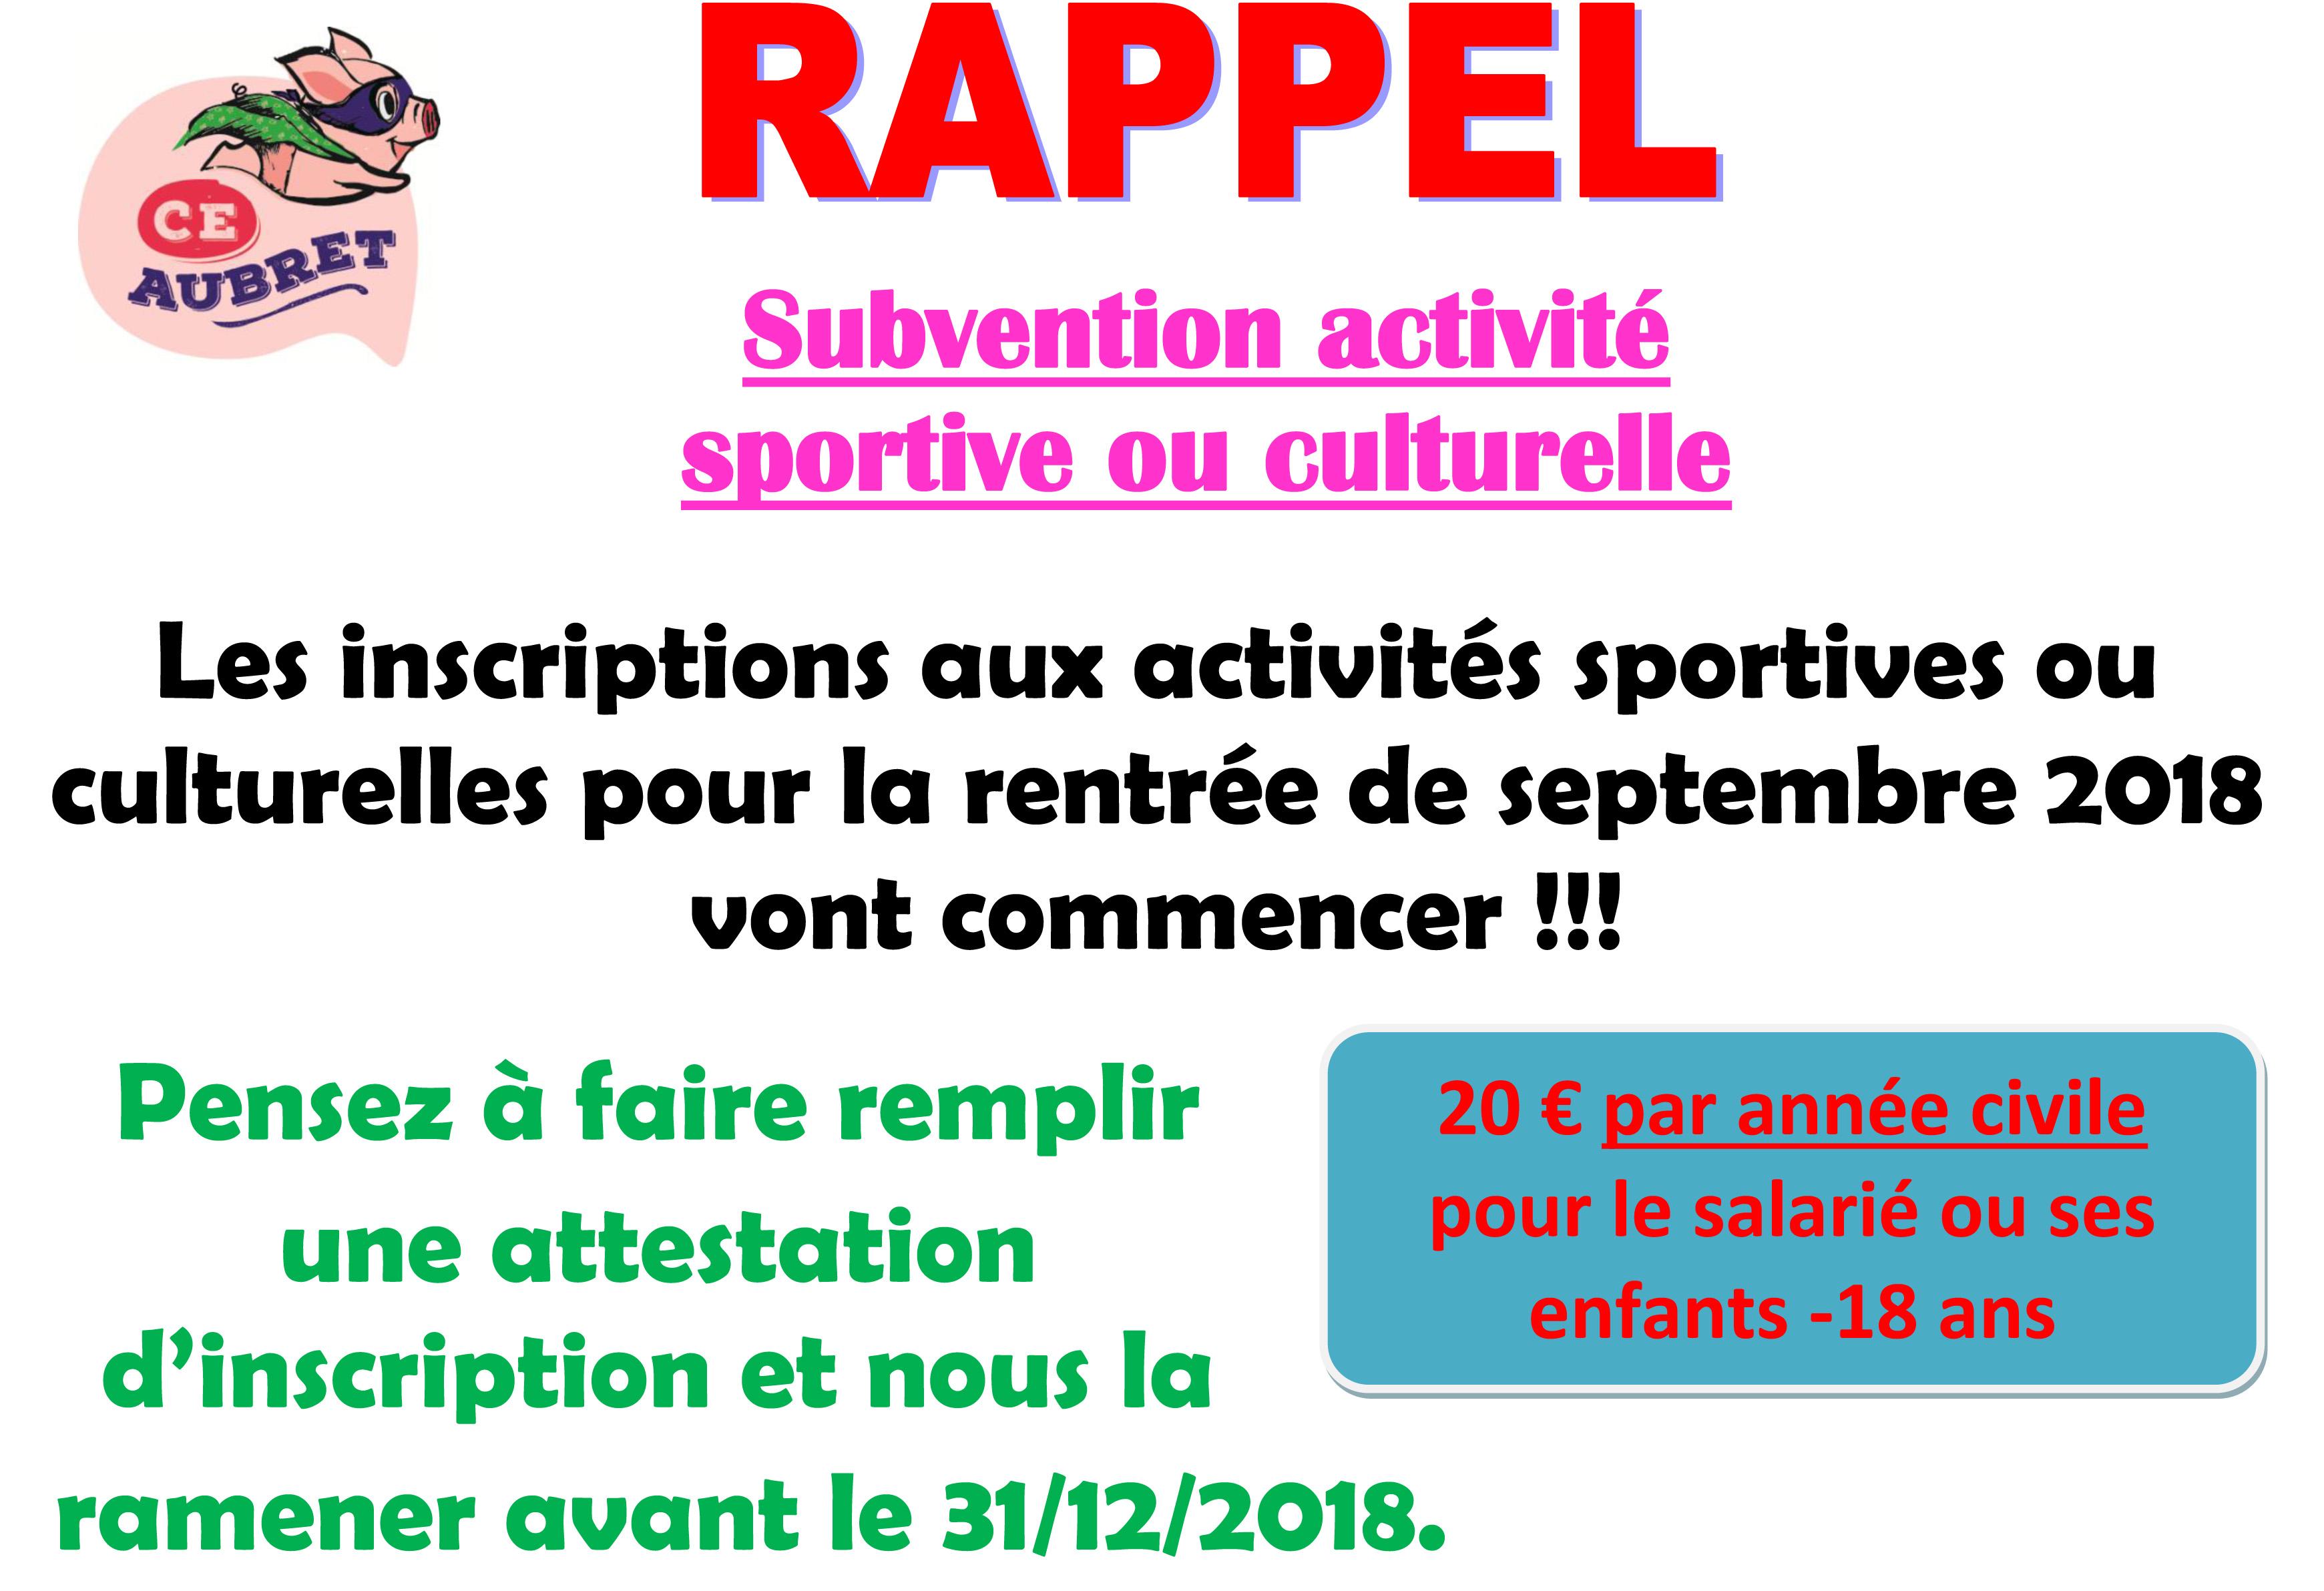 RAPPEL Subvention activité JUIN